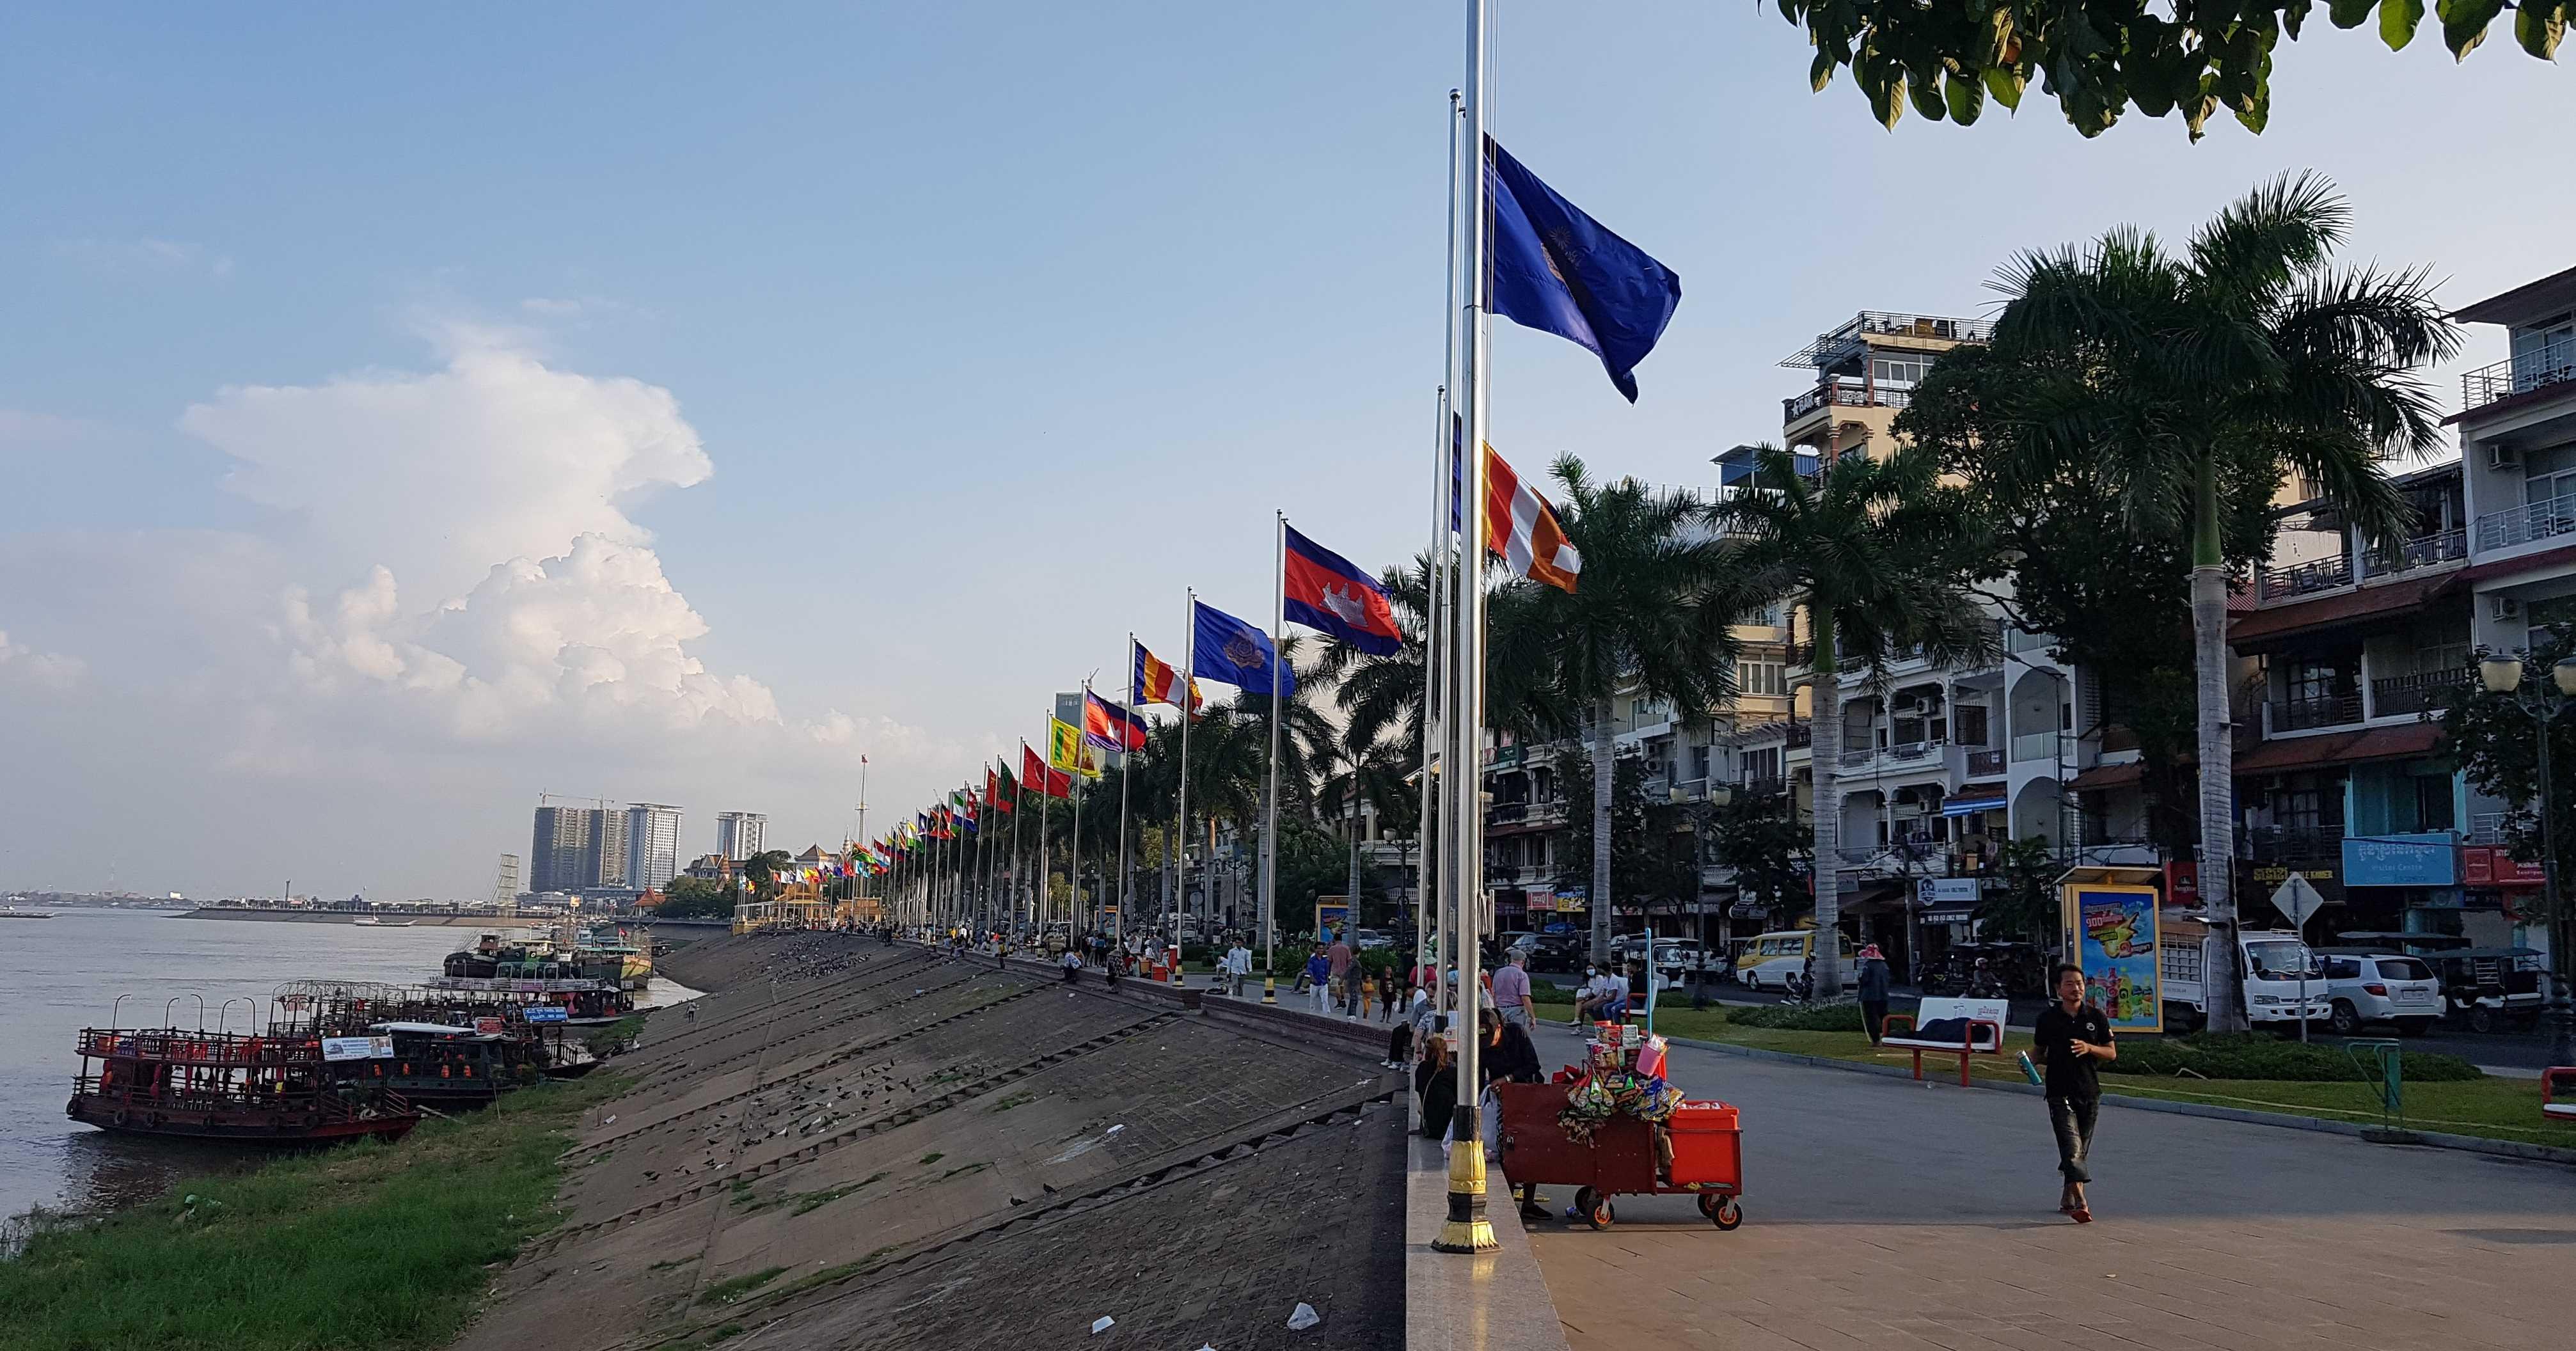 Благодаря мирному строю, в Камбодже стала развиваться экономика, туризм, строительство соцобъектов и жилья. Одно из свидетельств этому – благоустройство променадной зоны вдоль стратегической реки Меконг, протекающей через Пномпень…